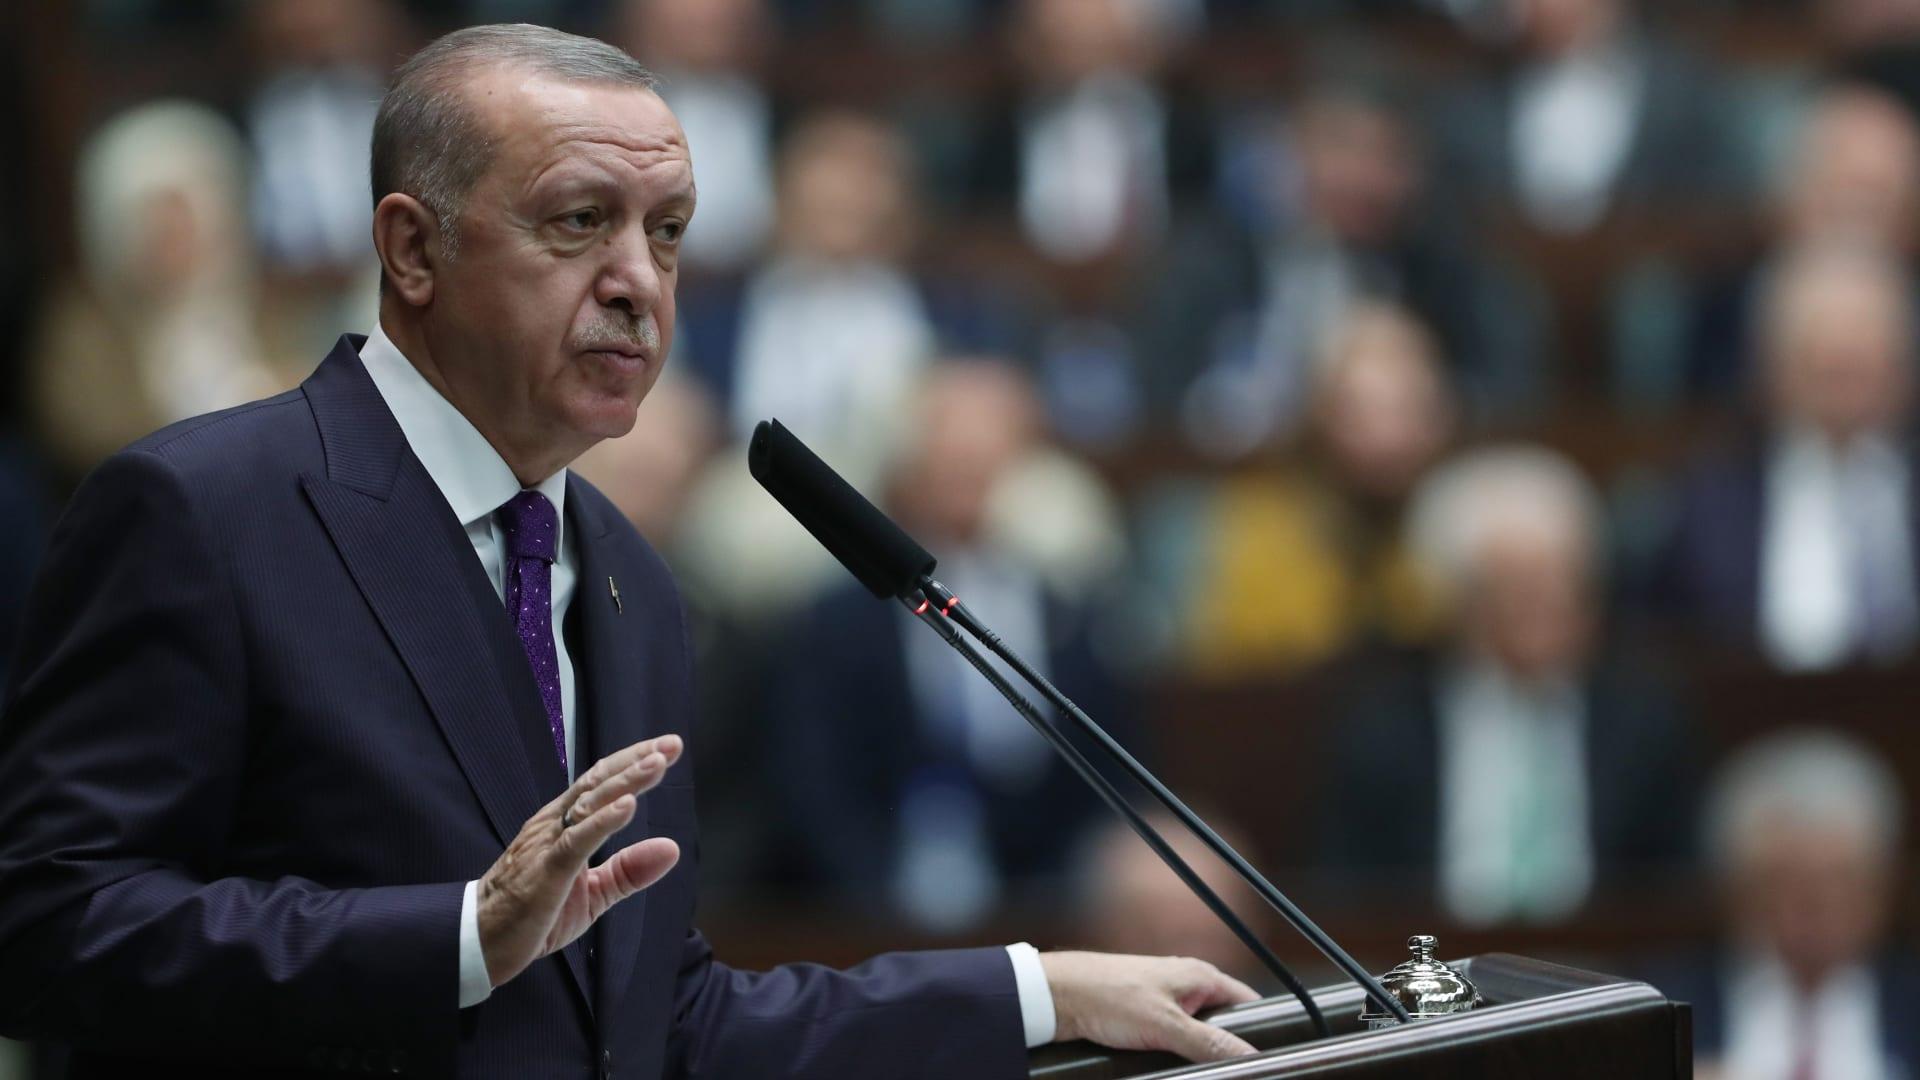 """سوريا تشن هجوما شرسا على أردوغان وتتهمه بـ""""الكذب والتضليل"""": لا يكافح الإرهاب بل يدعمه"""